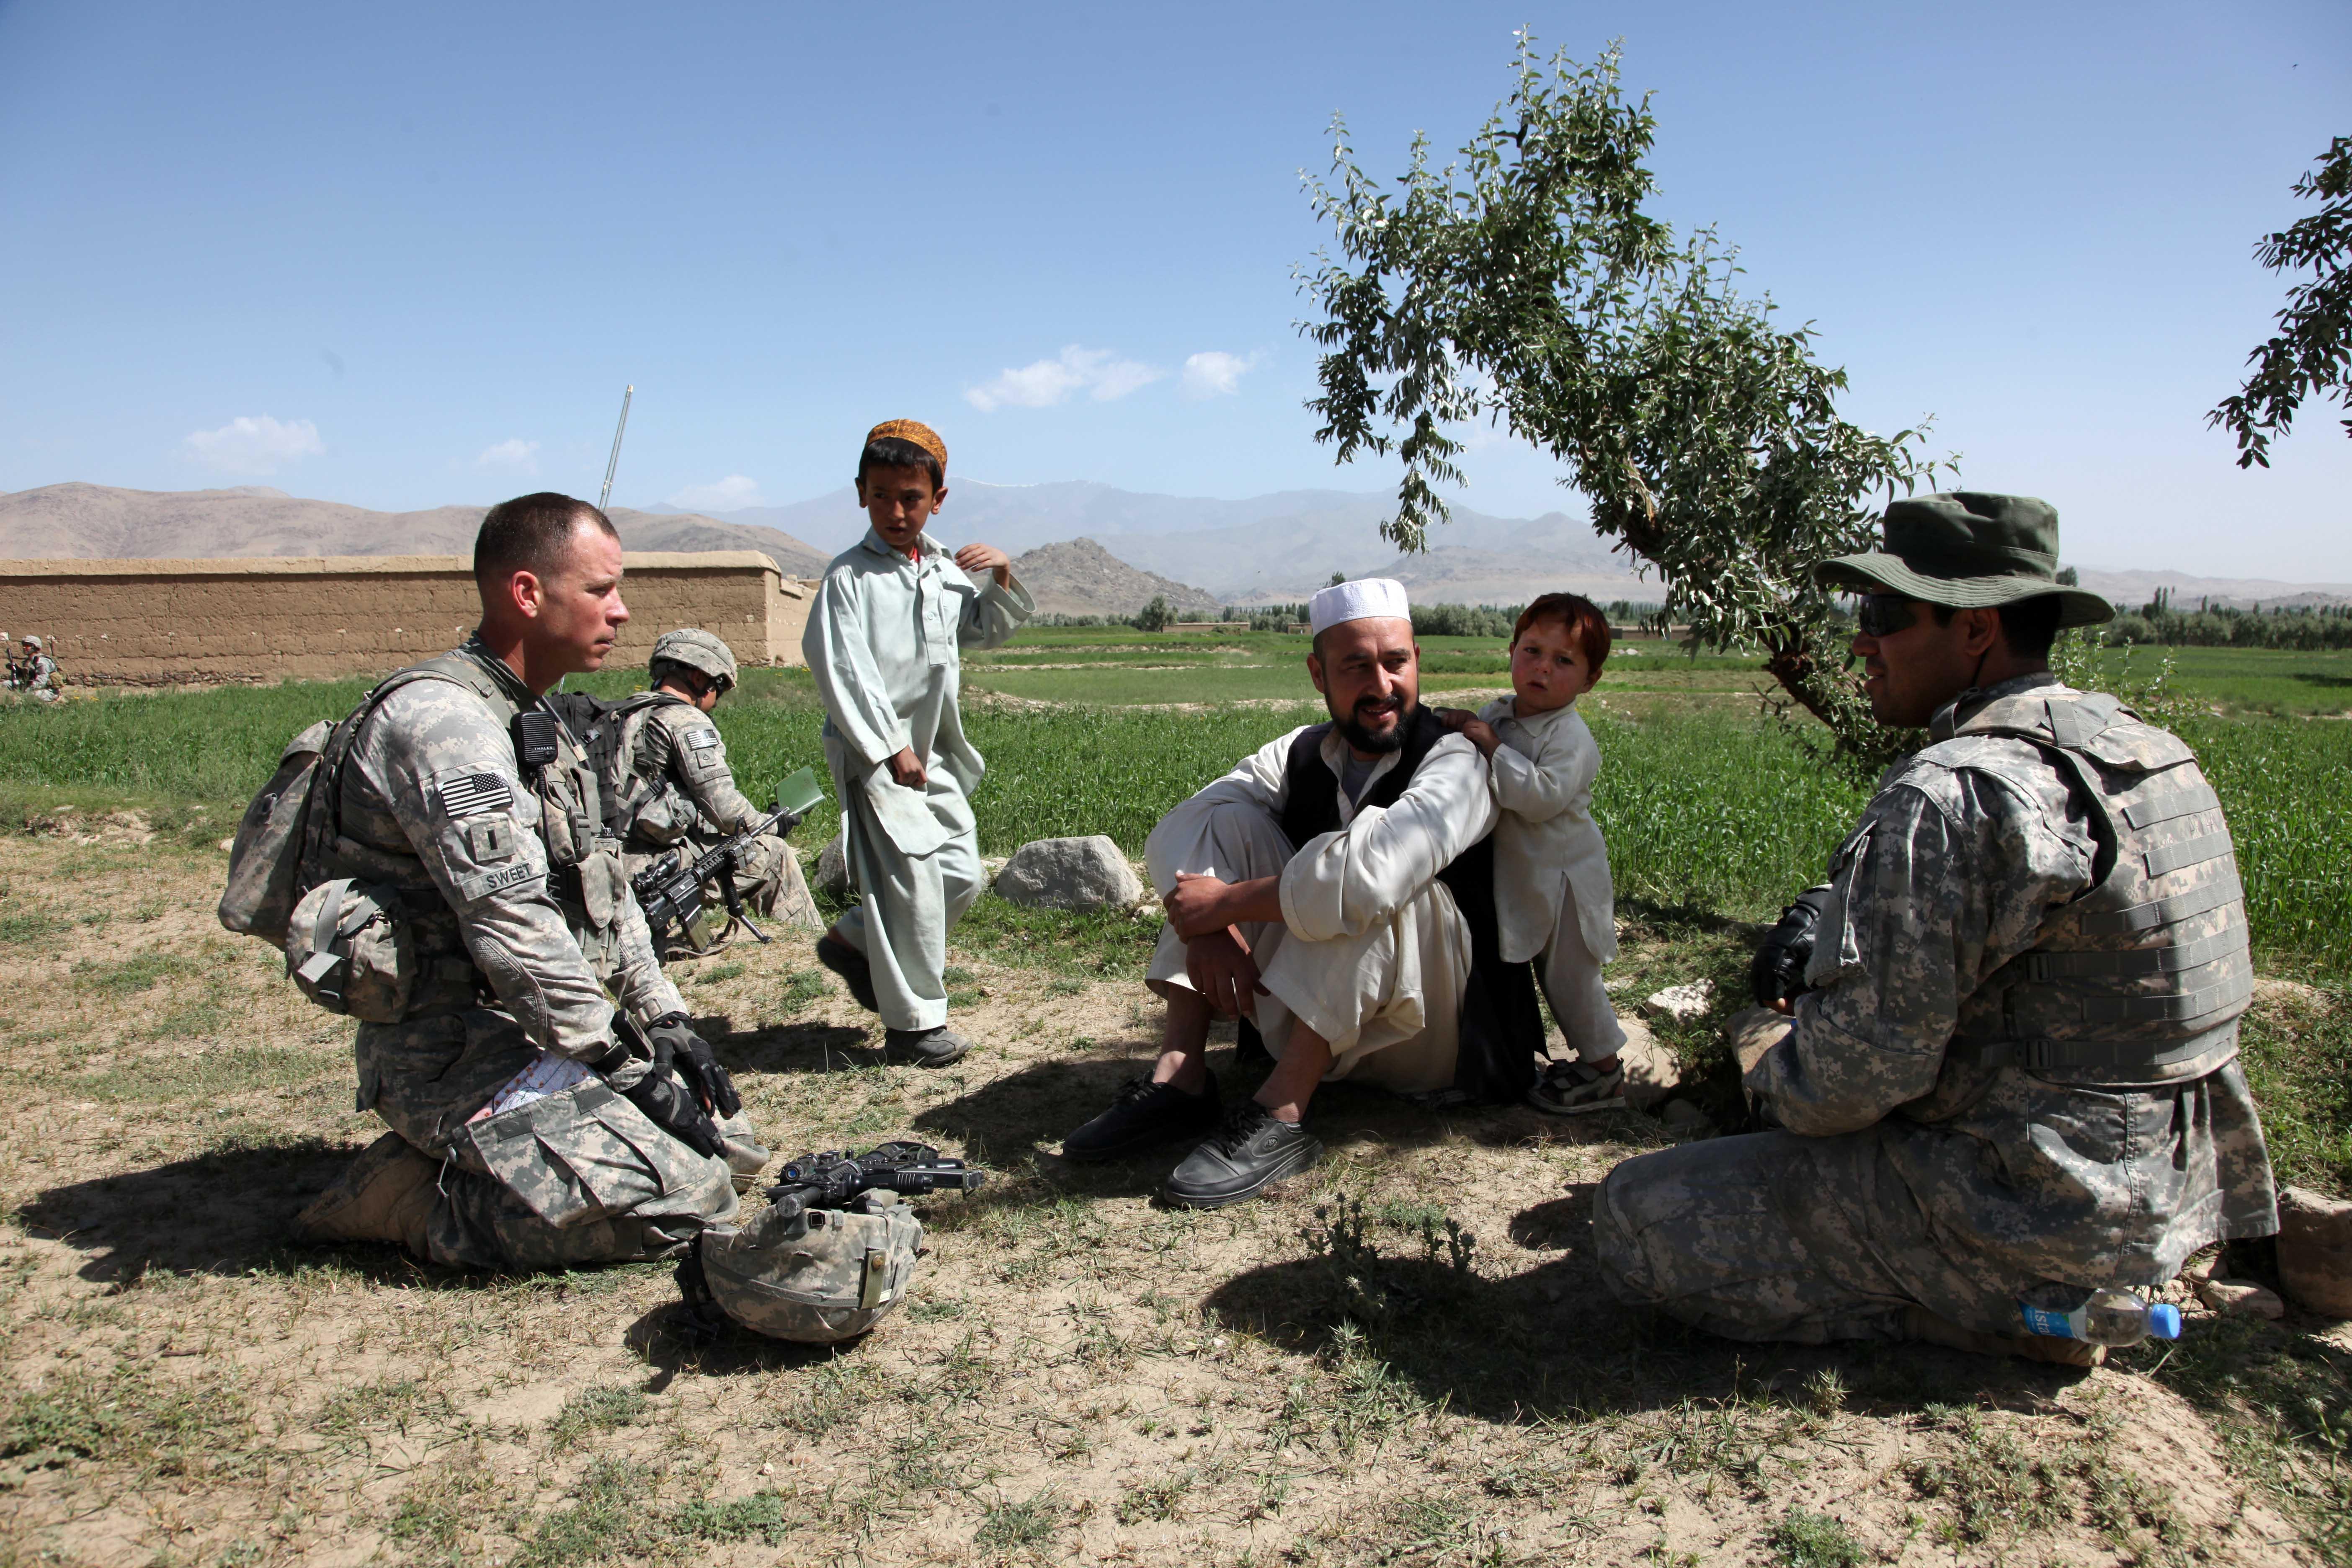 File:Defense.gov News Photo 100527-A-6225G-046 - U.S. Army 1st Lt ...